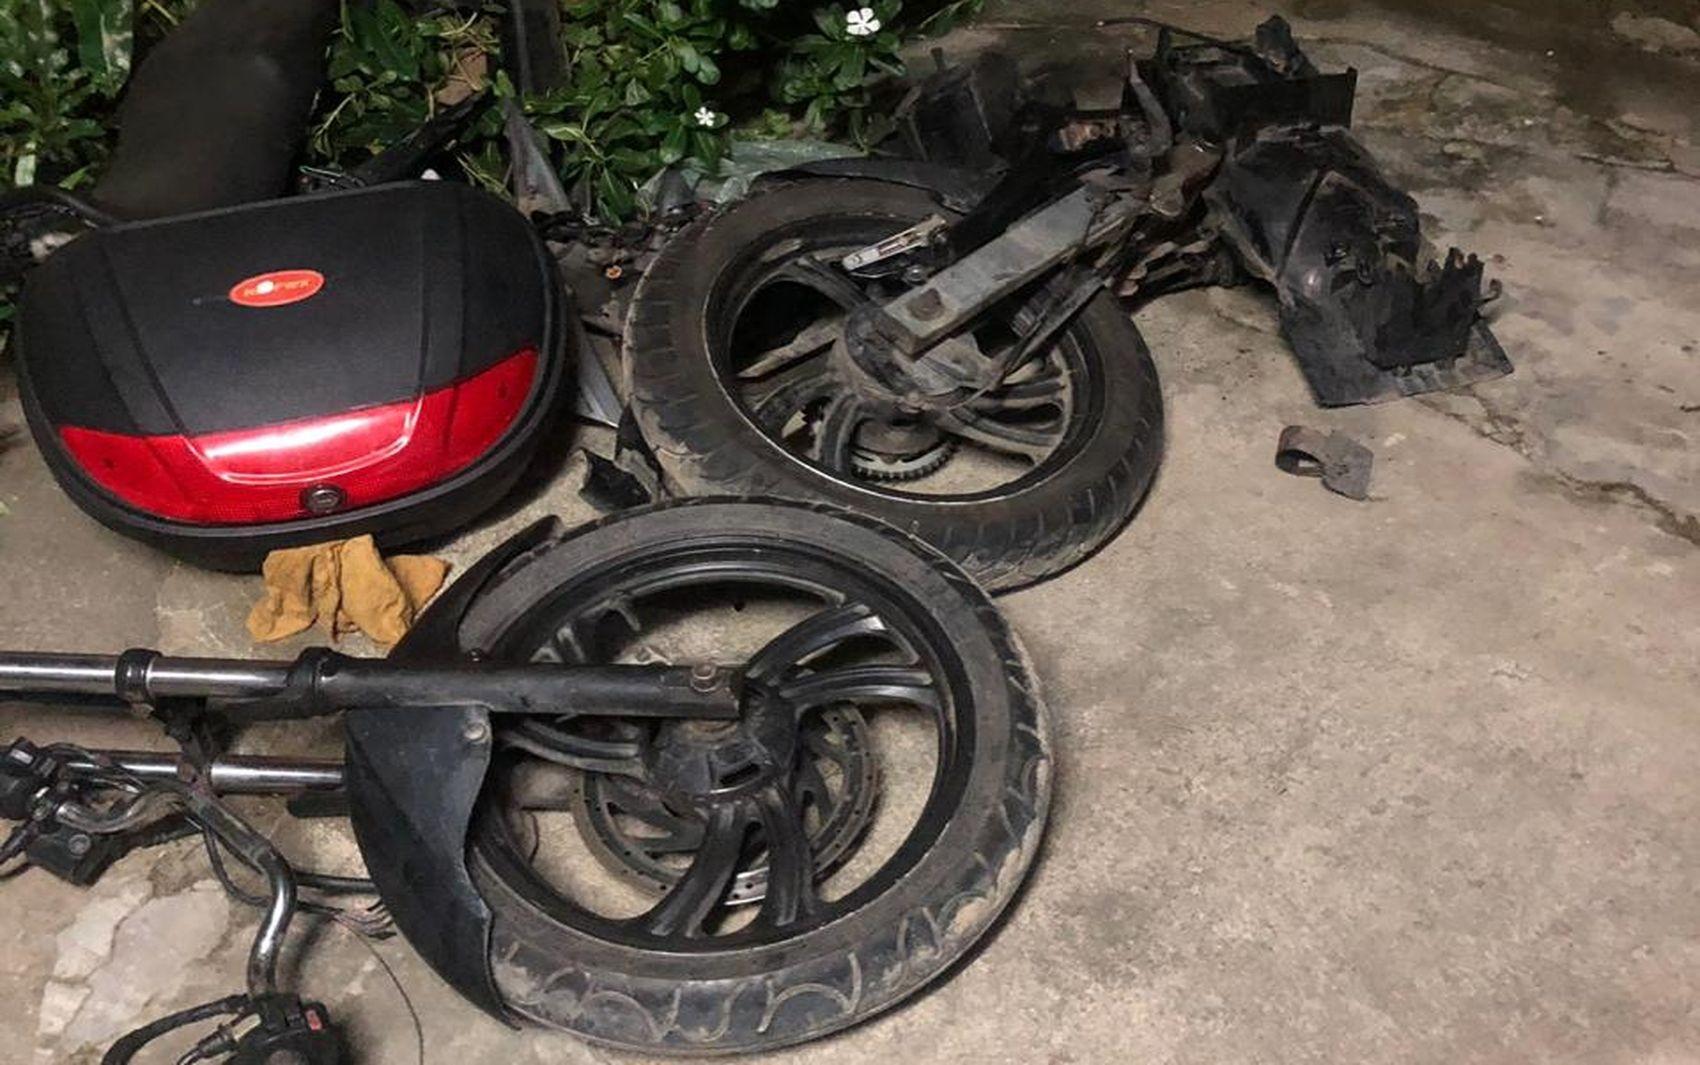 Trio suspeito de realizar desmanche de motocicletas é preso em Aracaju - Notícias - Plantão Diário